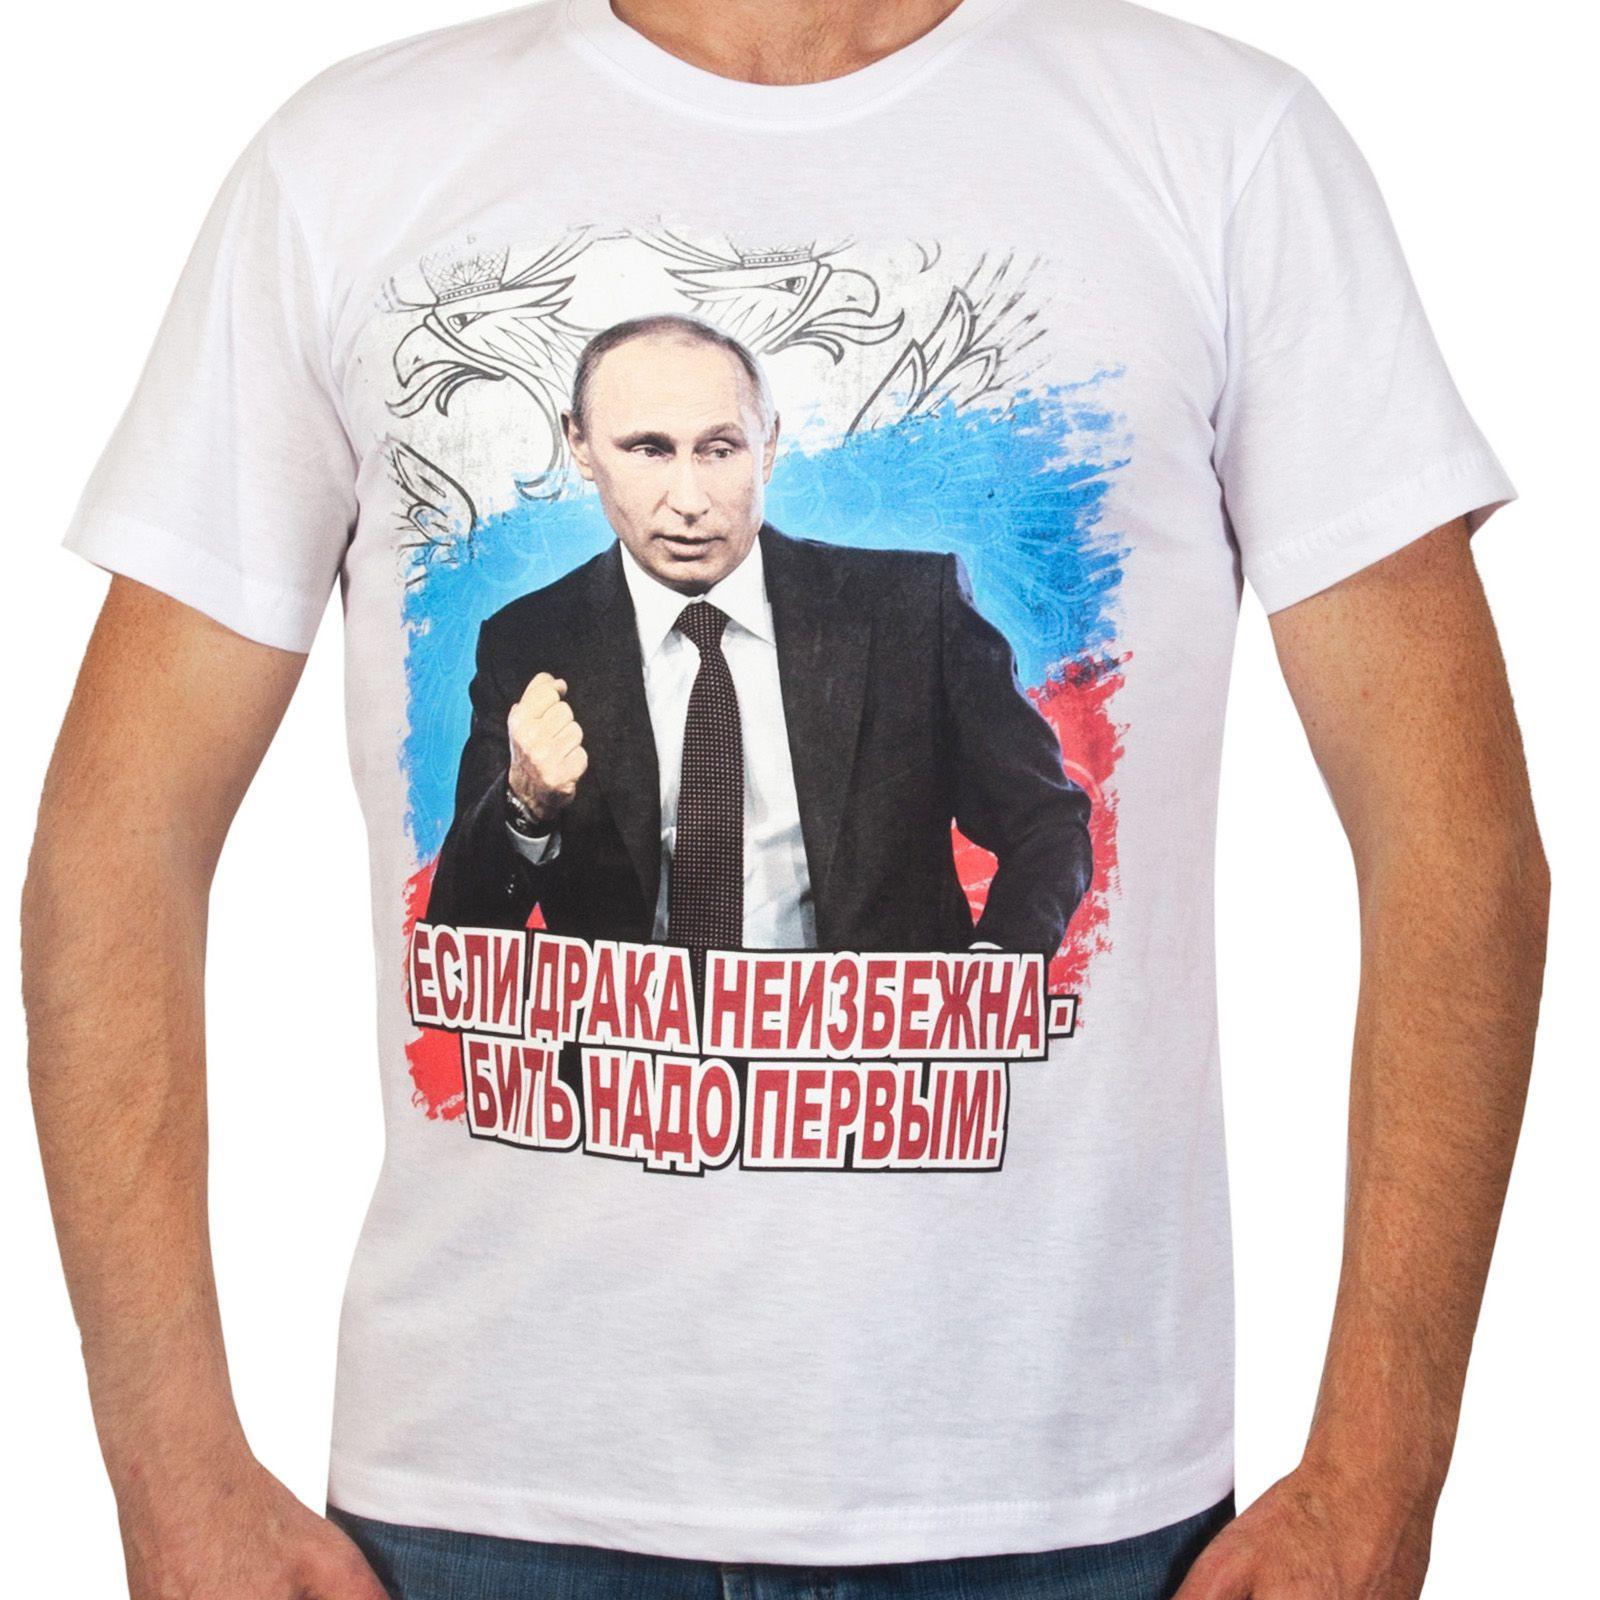 """Футболка с принтом Путина """"Бить надо первым!"""""""